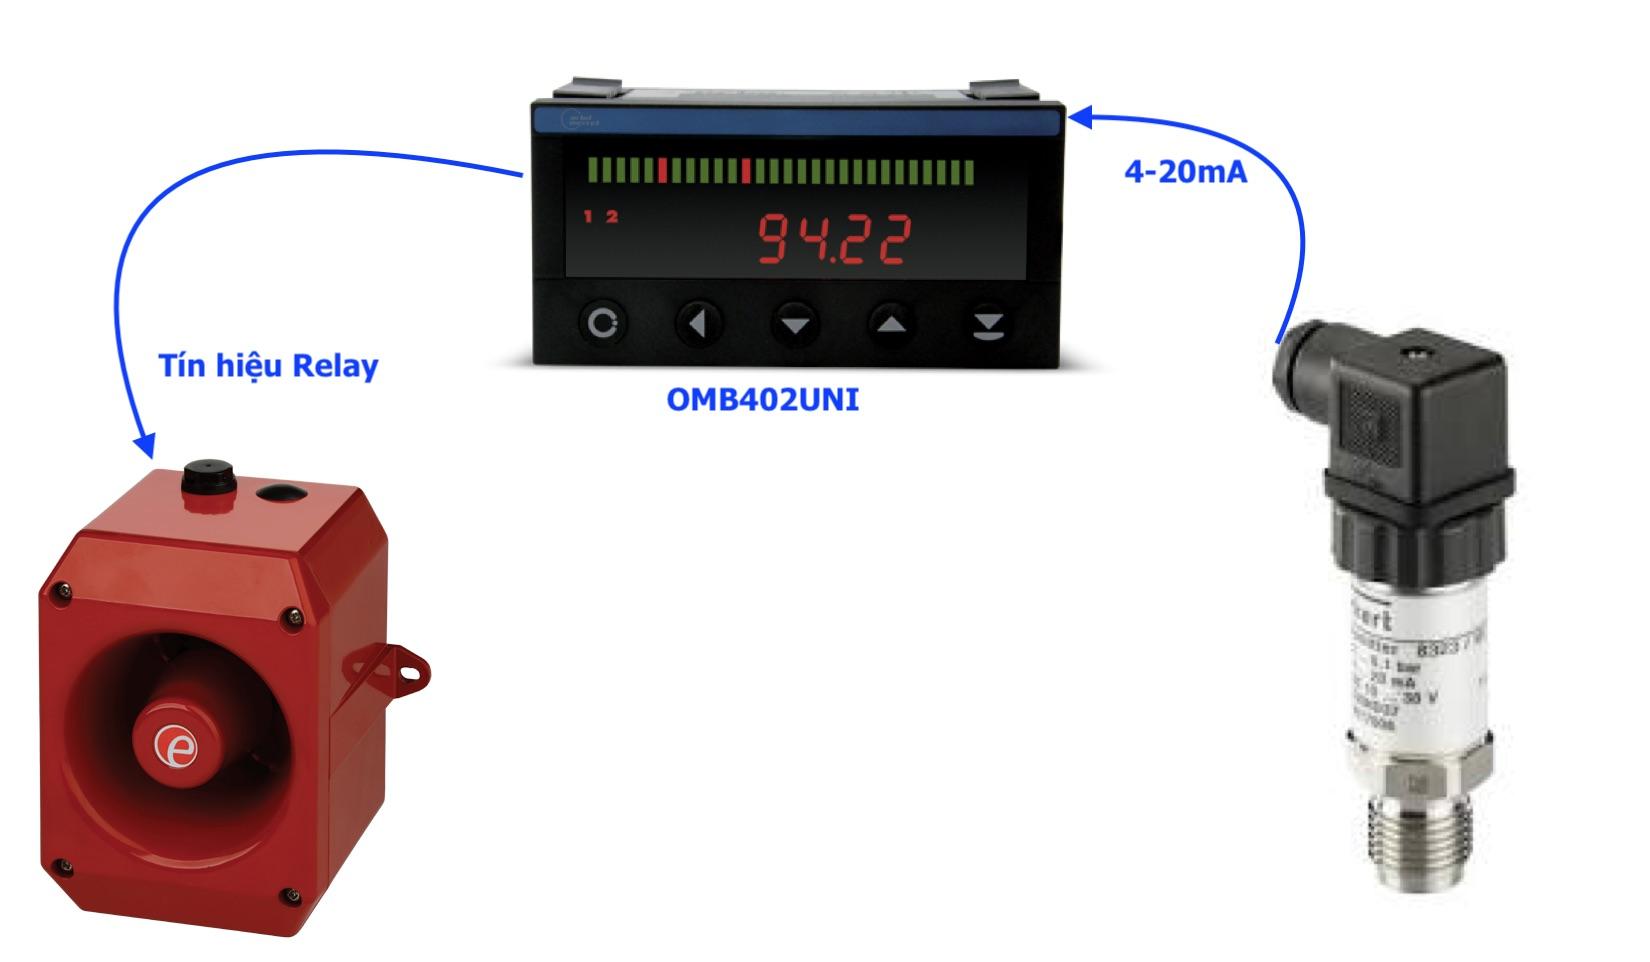 Bộ hiển thị áp suất và điều khiển áp suất